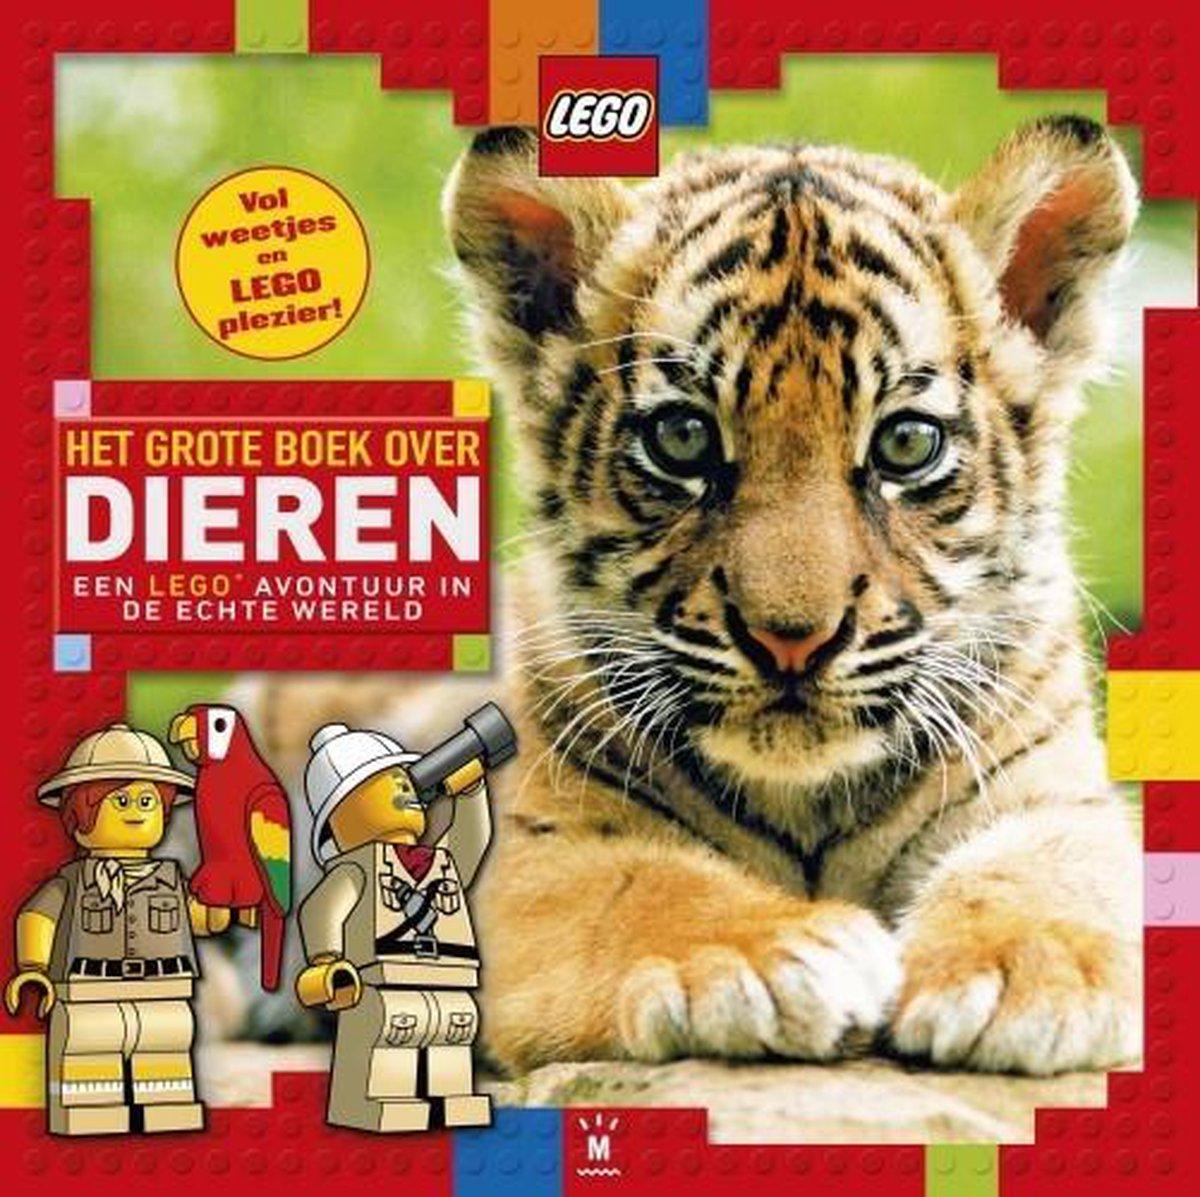 LEGO - Het grote boek over dieren